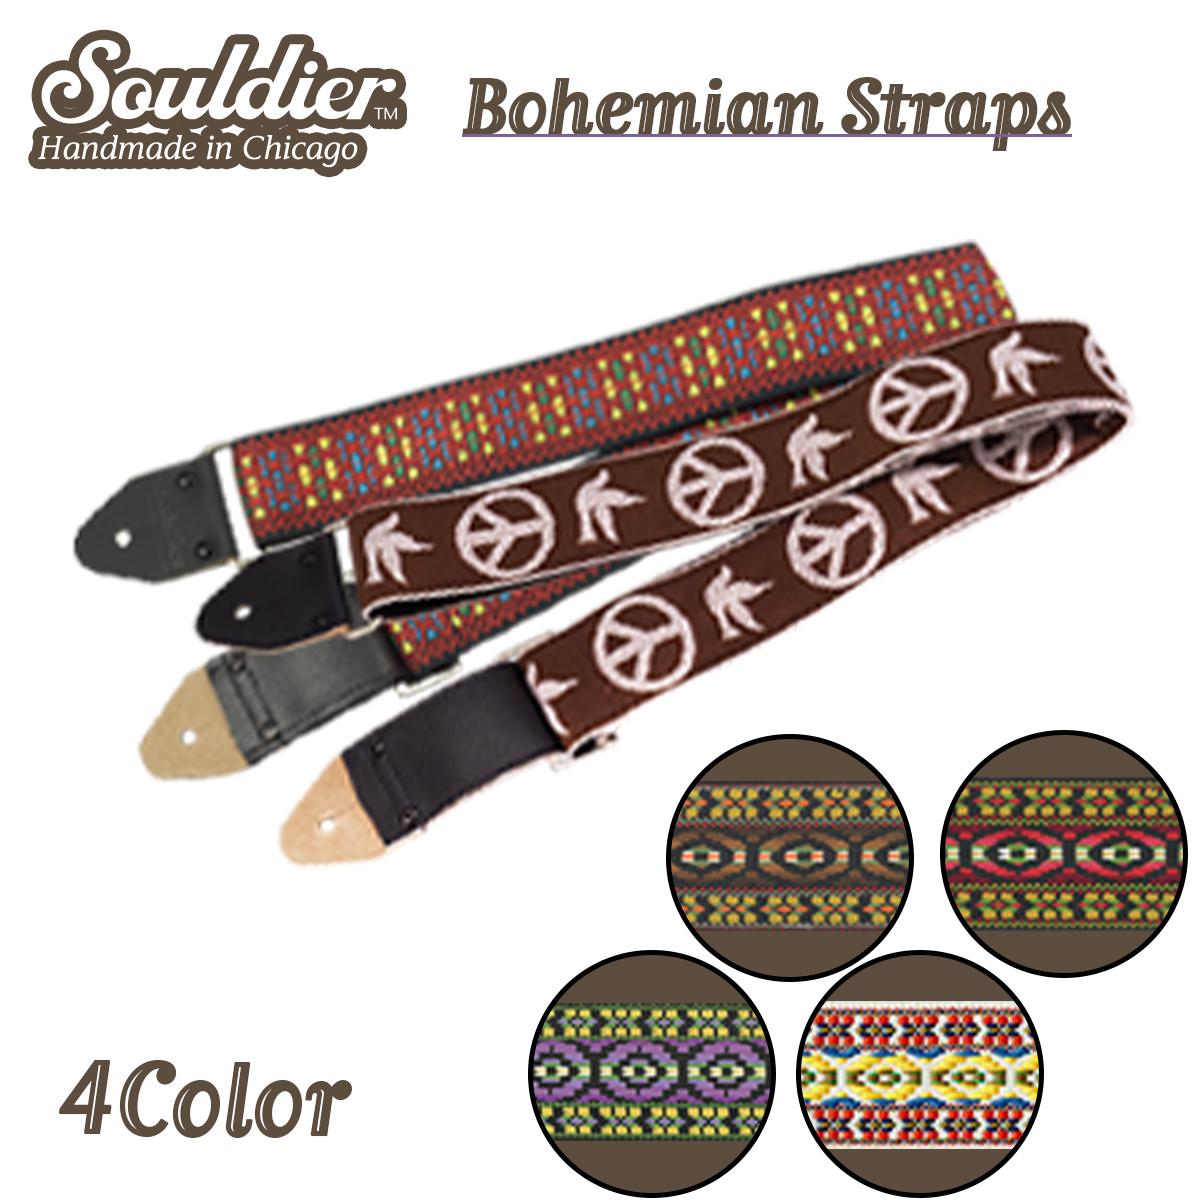 お取り寄せ商品の為 発送日は別途ご連絡致します Souldier Straps ~Vintage Replica~ Bohemian ギター 送料無料でお届けします Strap ベース用 ギターストラップ 送料込 Guitar ソルジャーストラップ